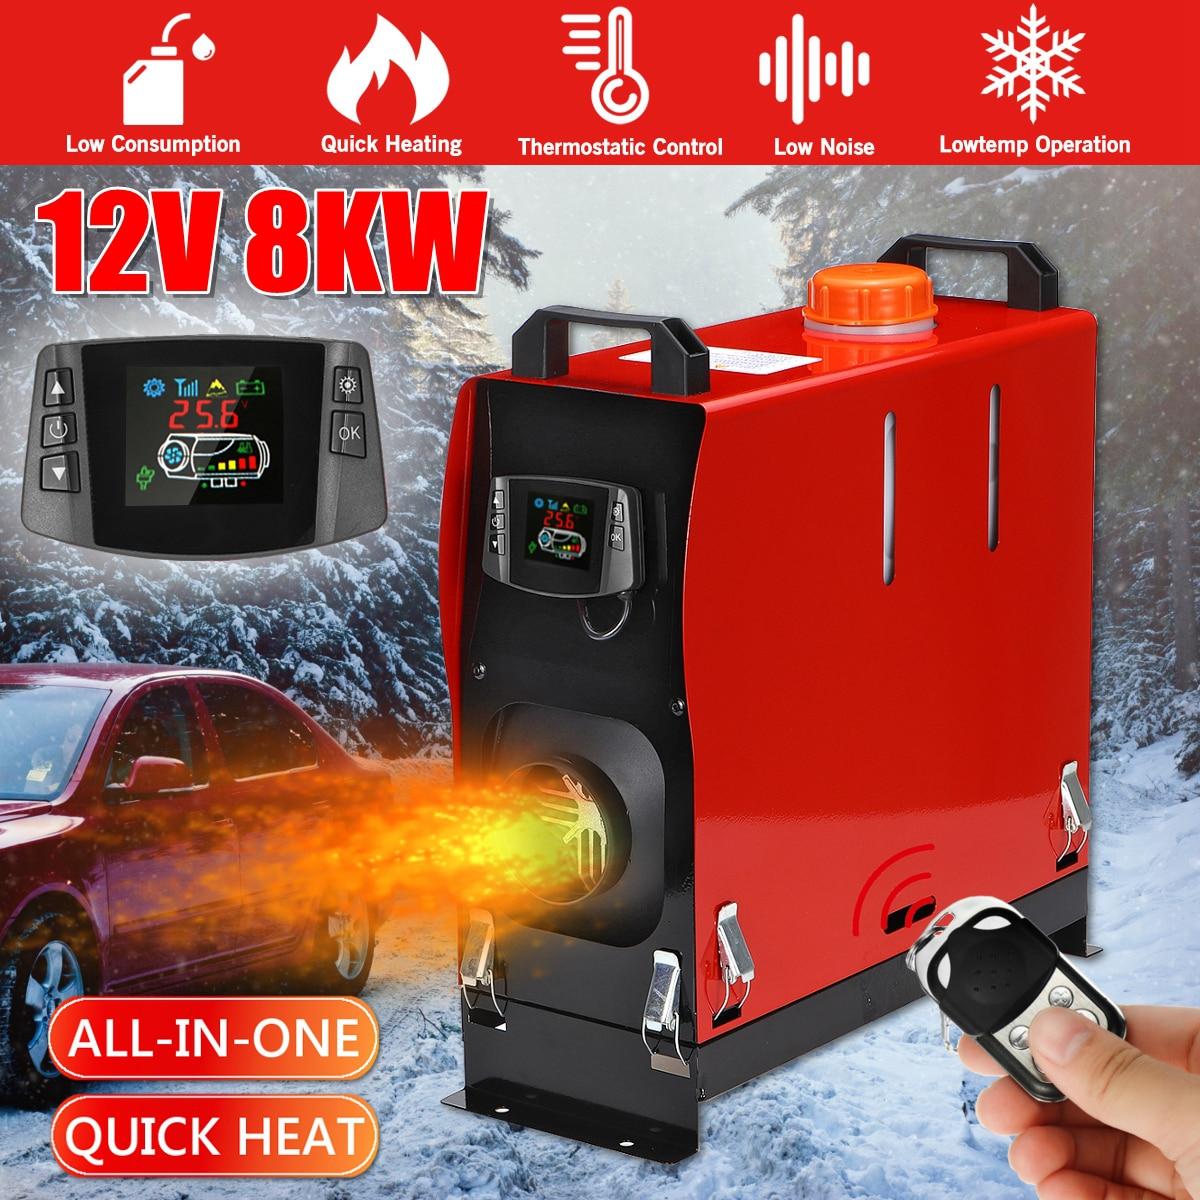 Автомобильный обогреватель Hcalory, все в одном, 8 кВт, воздушный дизельный Обогреватель, красный, 8 кВт, 12 В, автомобильный обогреватель с одним ...